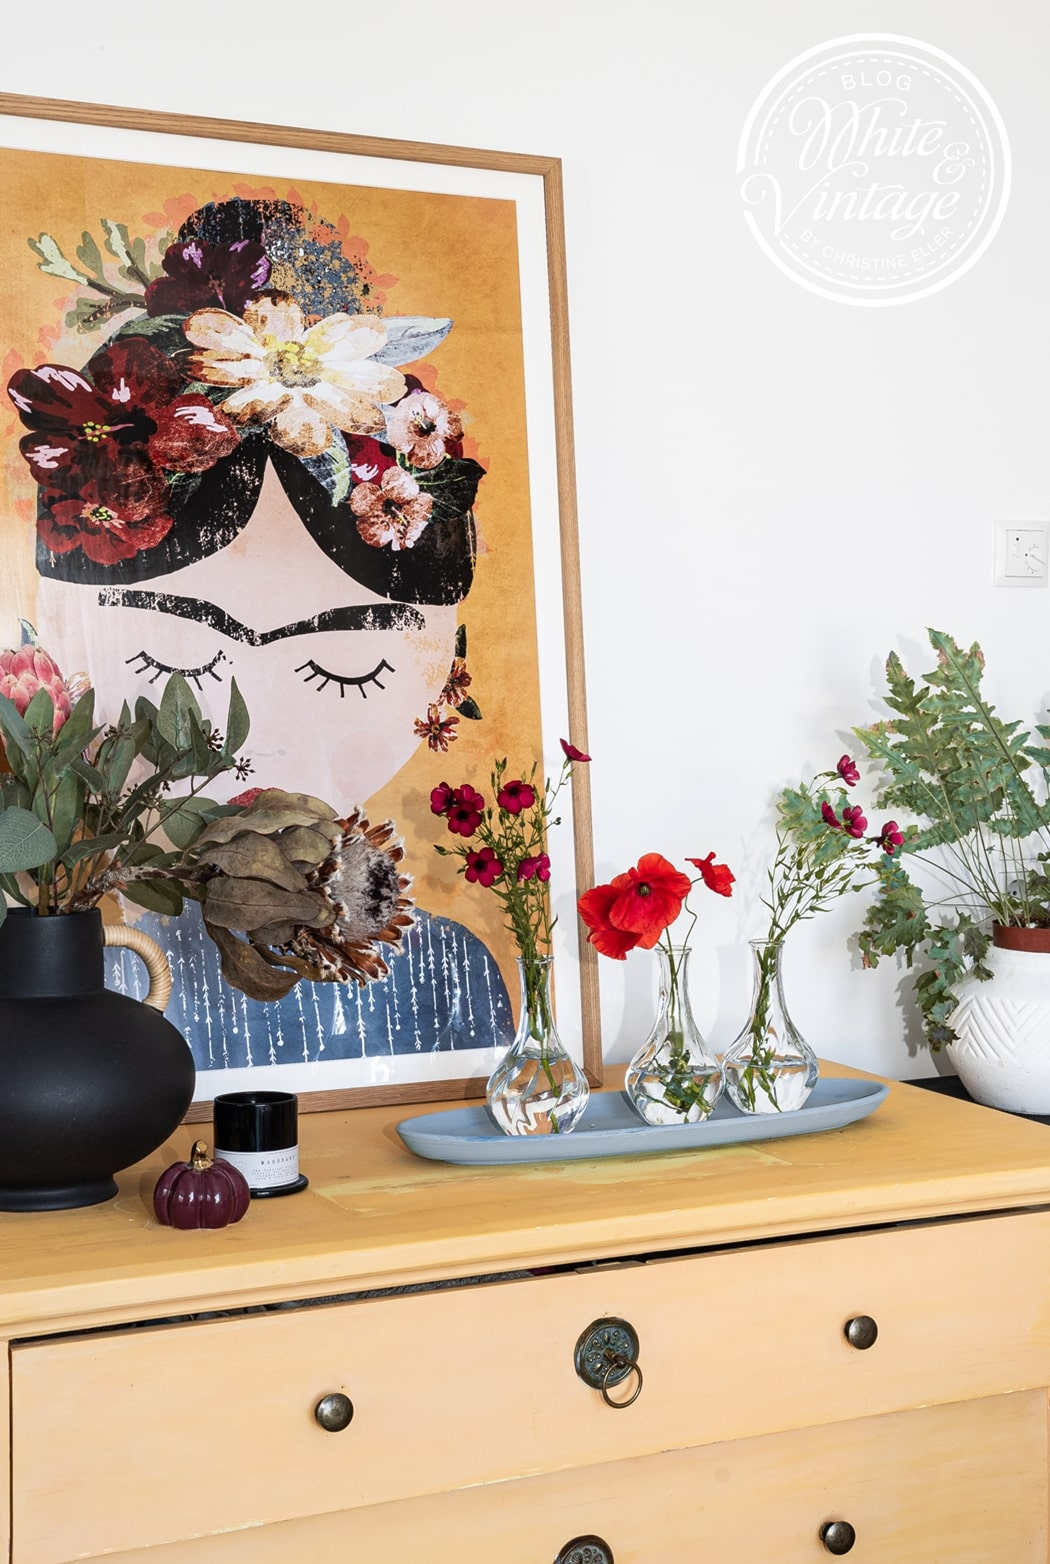 Deko im Terrakotta-Look mit Farbe und Backpulver upcyceln